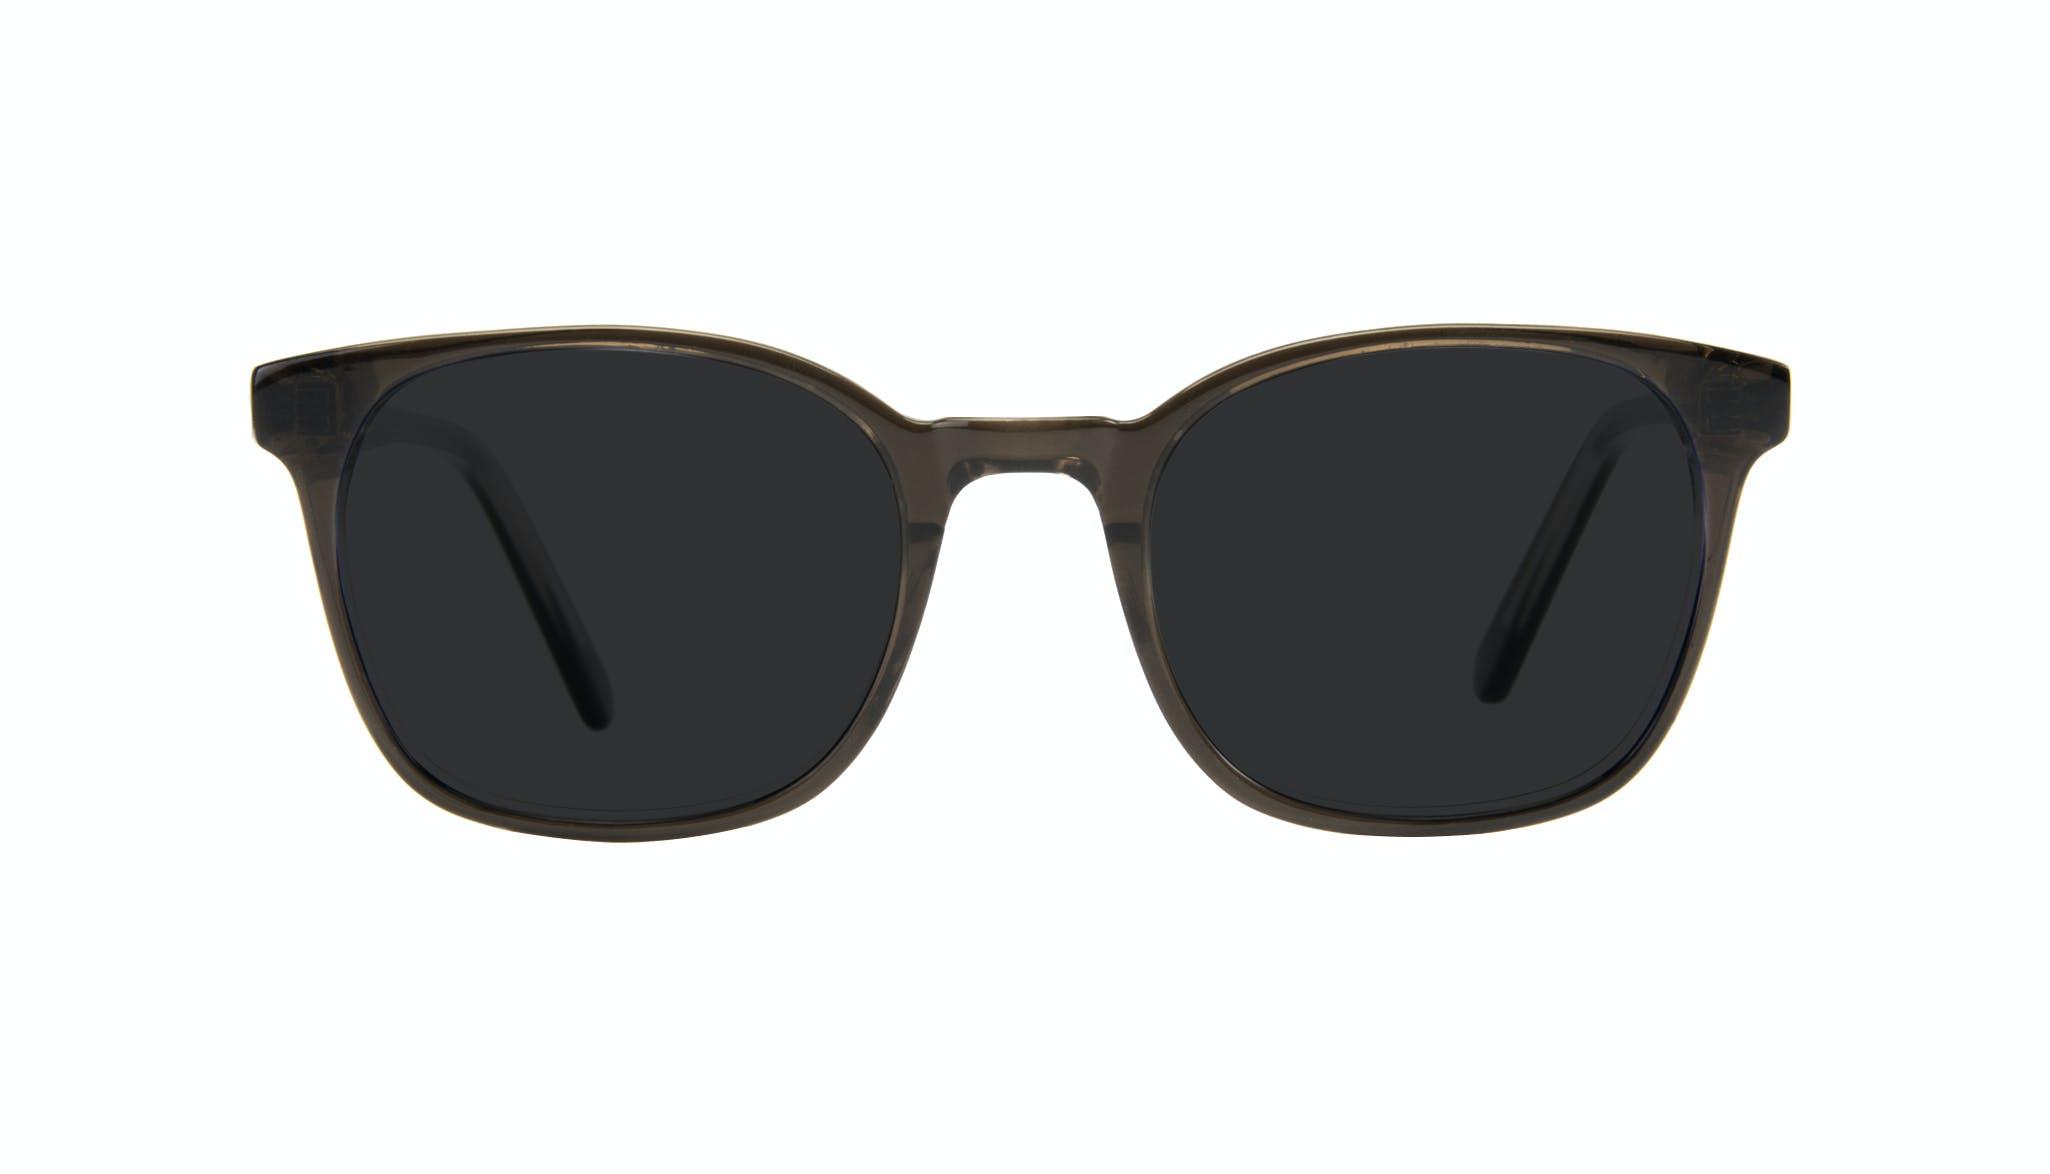 Affordable Fashion Glasses Rectangle Square Sunglasses Men Peak Black Ice